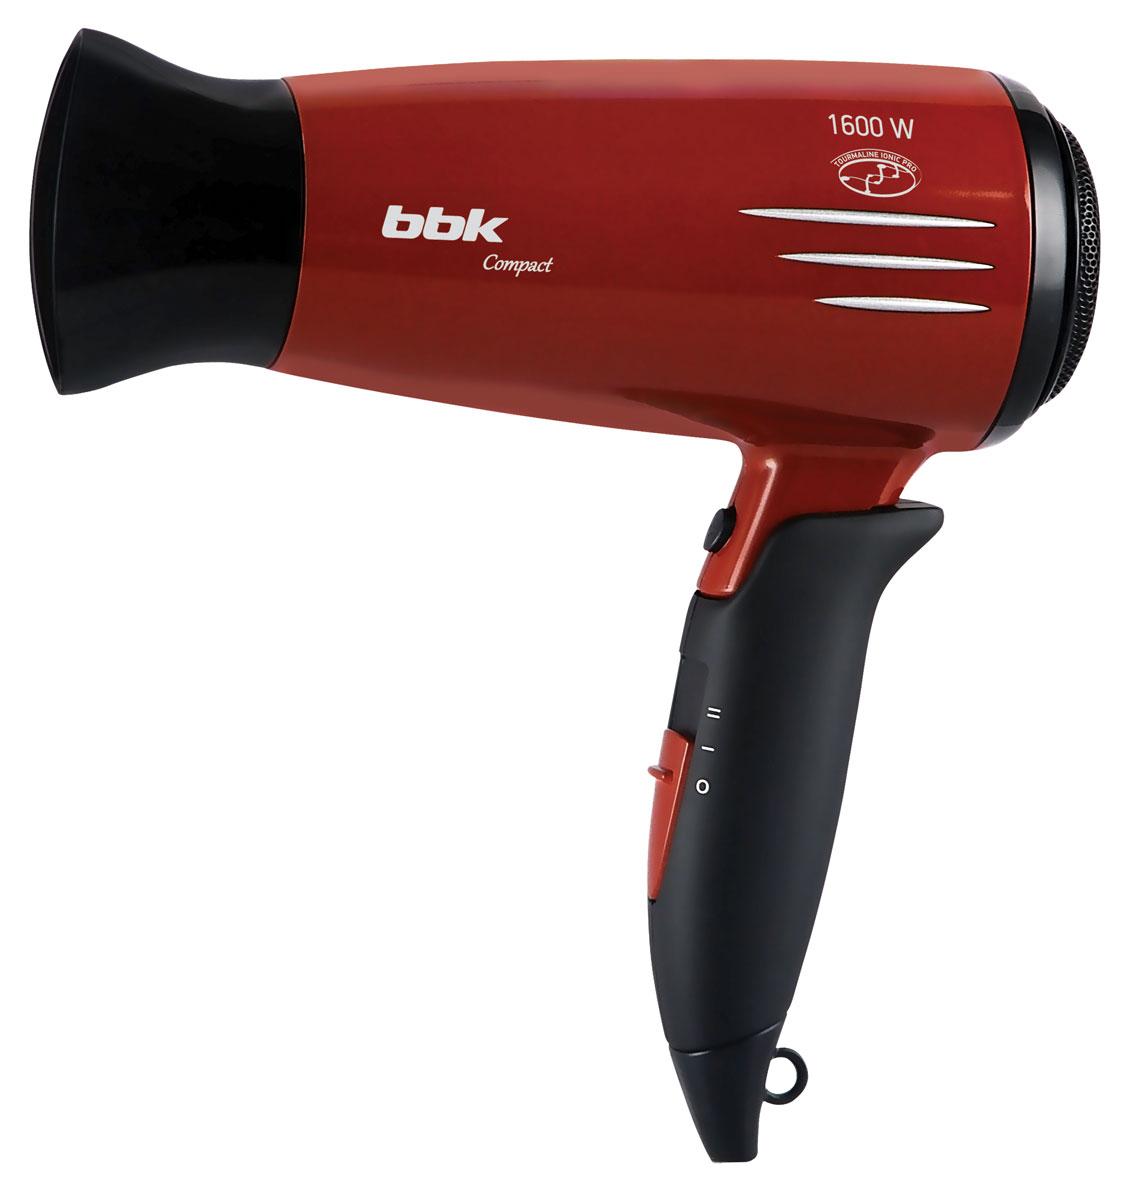 BBK BHD1605i, Cherry Black фенBHD1605i виш/черМодель BBK BHD1605i на все сто оправдывает название - благодаря складной ручке с покрытием soft-touch фен никогда не выскользнет из рук, малые размеры и небольшой вес повышают комфорт при обращении с ним, а ионизация и турмалиновое покрытие решетки сохраняют здоровье и привлекательный внешний вид волос. Входящий в комплект концентратор позволяет по очереди обработать каждую прядь для максимального эффекта укладки, переключатель температуры и скорости - подобрать режим для интенсивной или щадящей сушки. Режим холодного воздуха способствует закреплению полученного результата. В комплект входит удобная сумка-чехол для бережного хранения и транспортировки изделия.